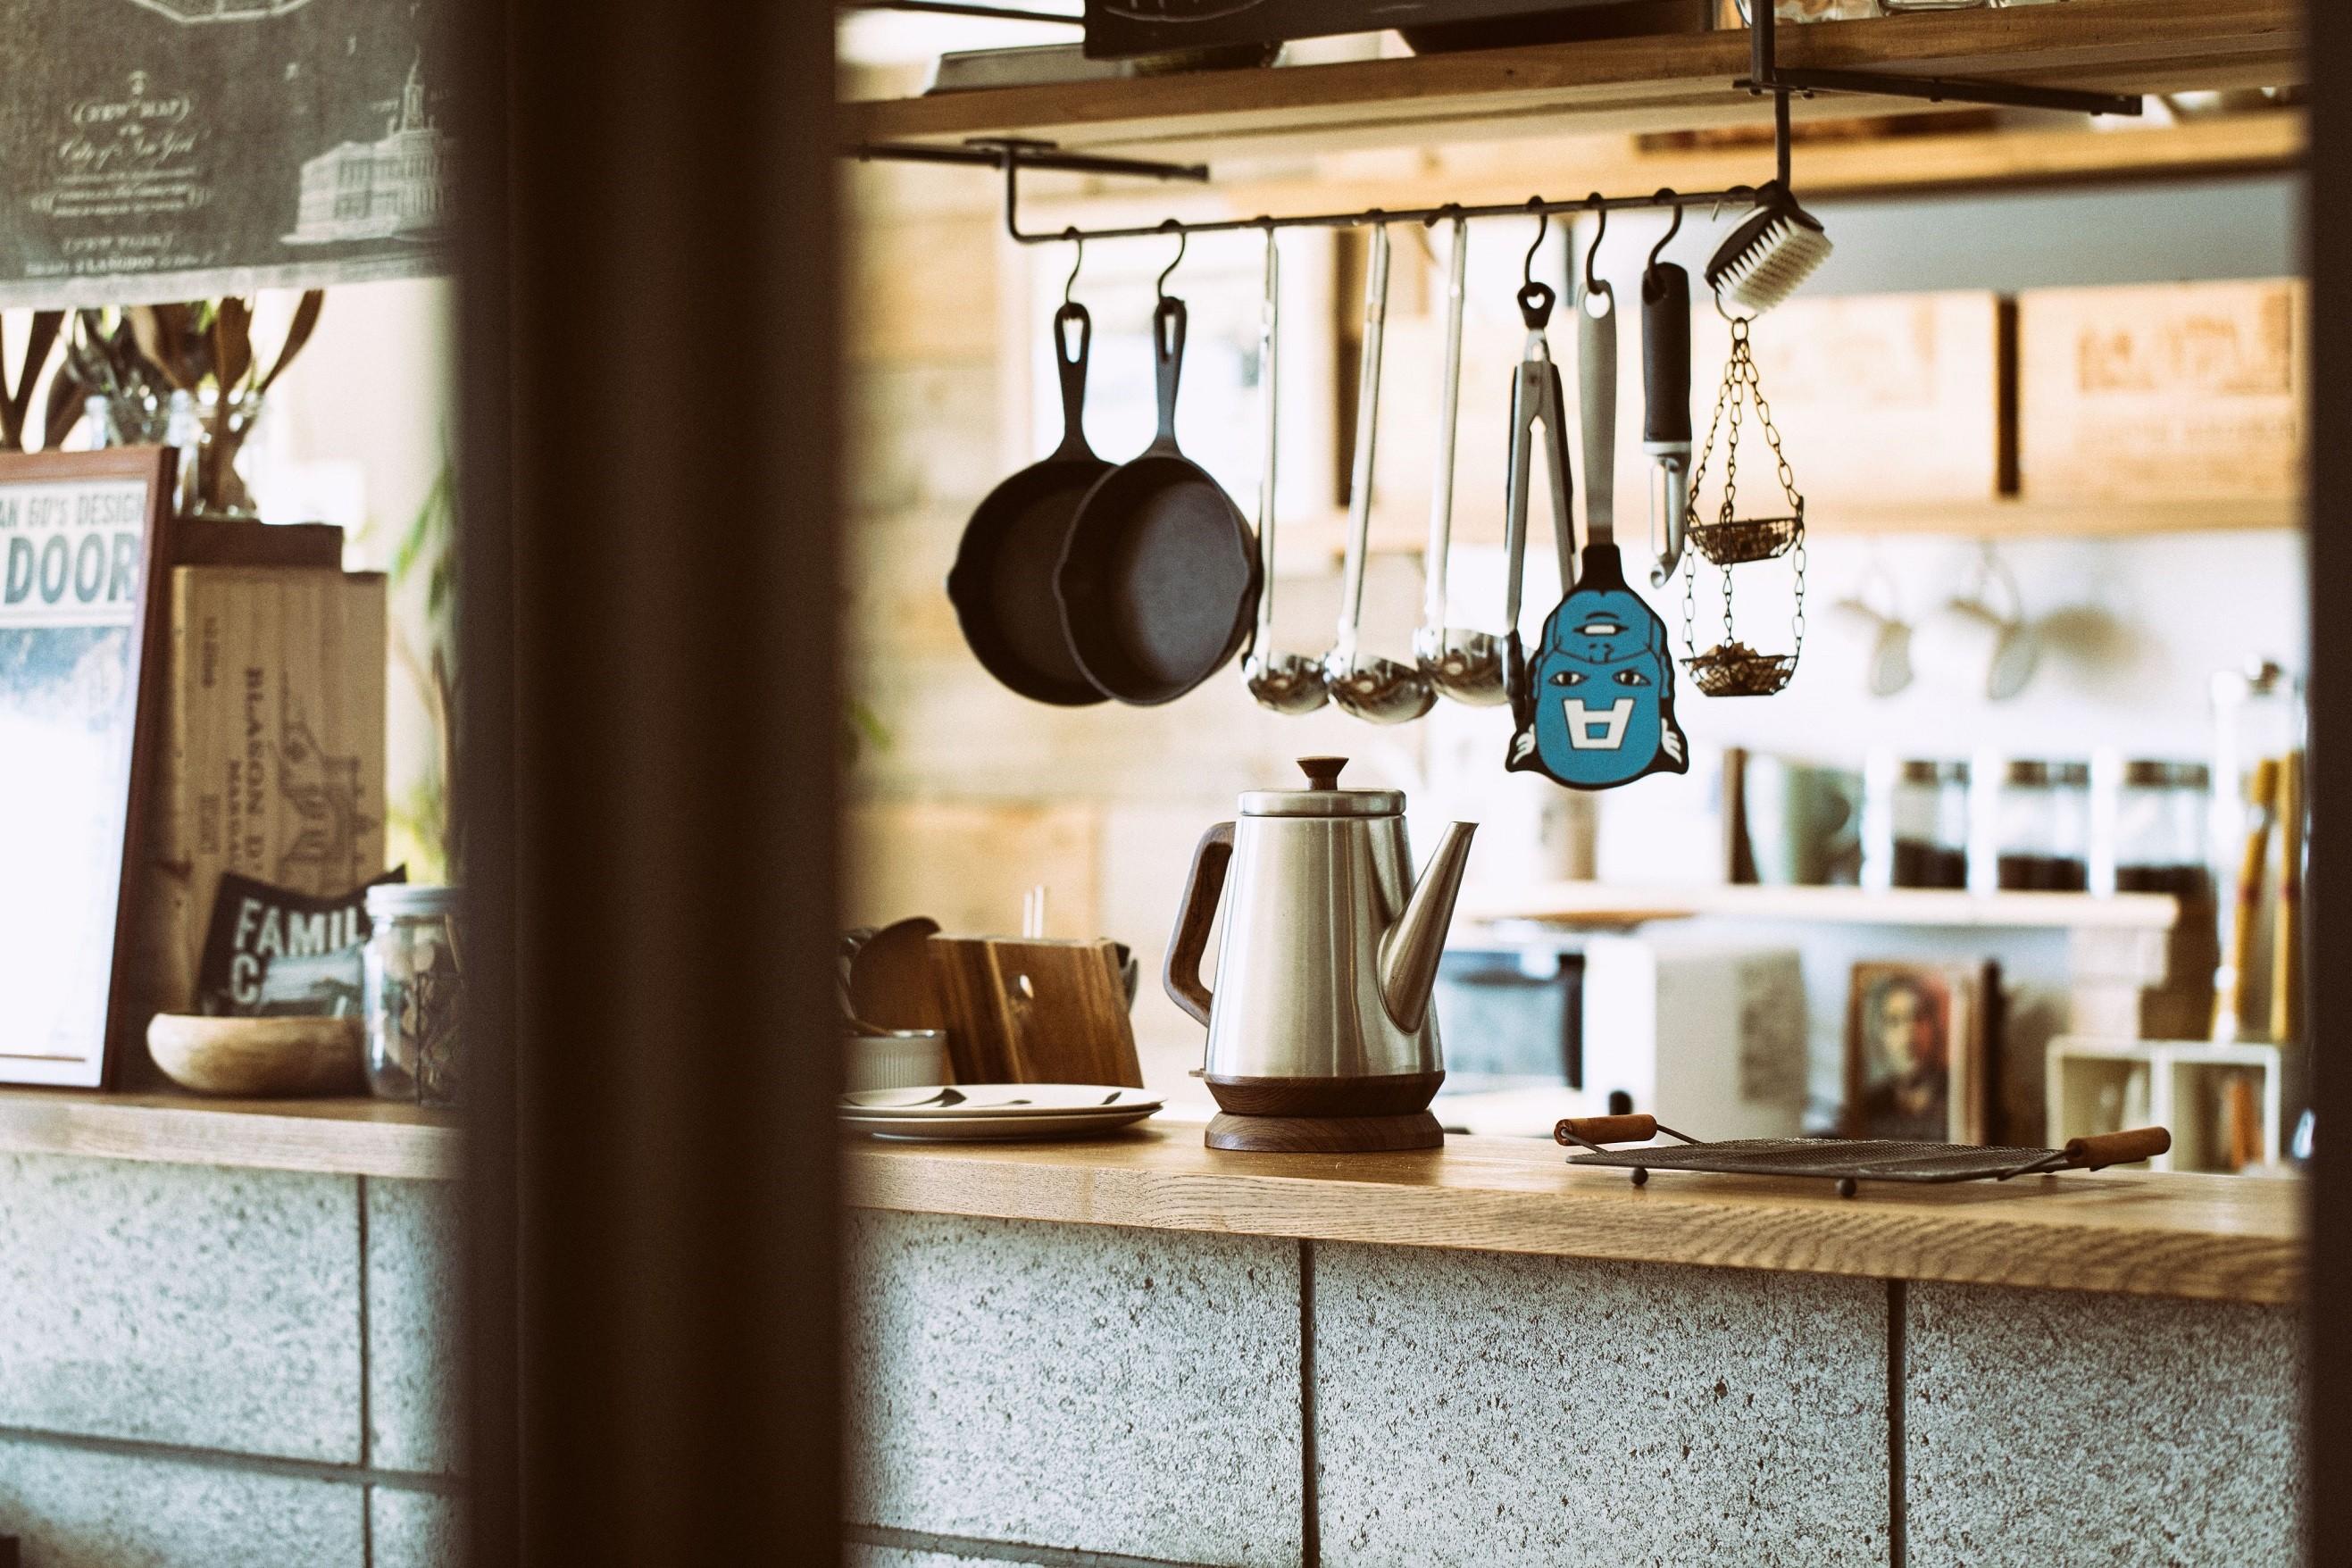 キッチン事例:キッチンカウンター(音楽と料理が楽しめる家)